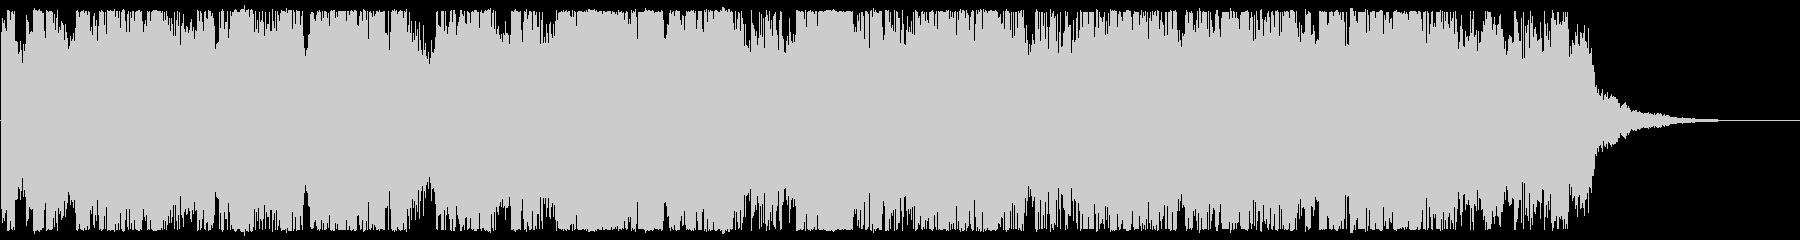 トレーラー、予告編 幻想的な30秒曲の未再生の波形